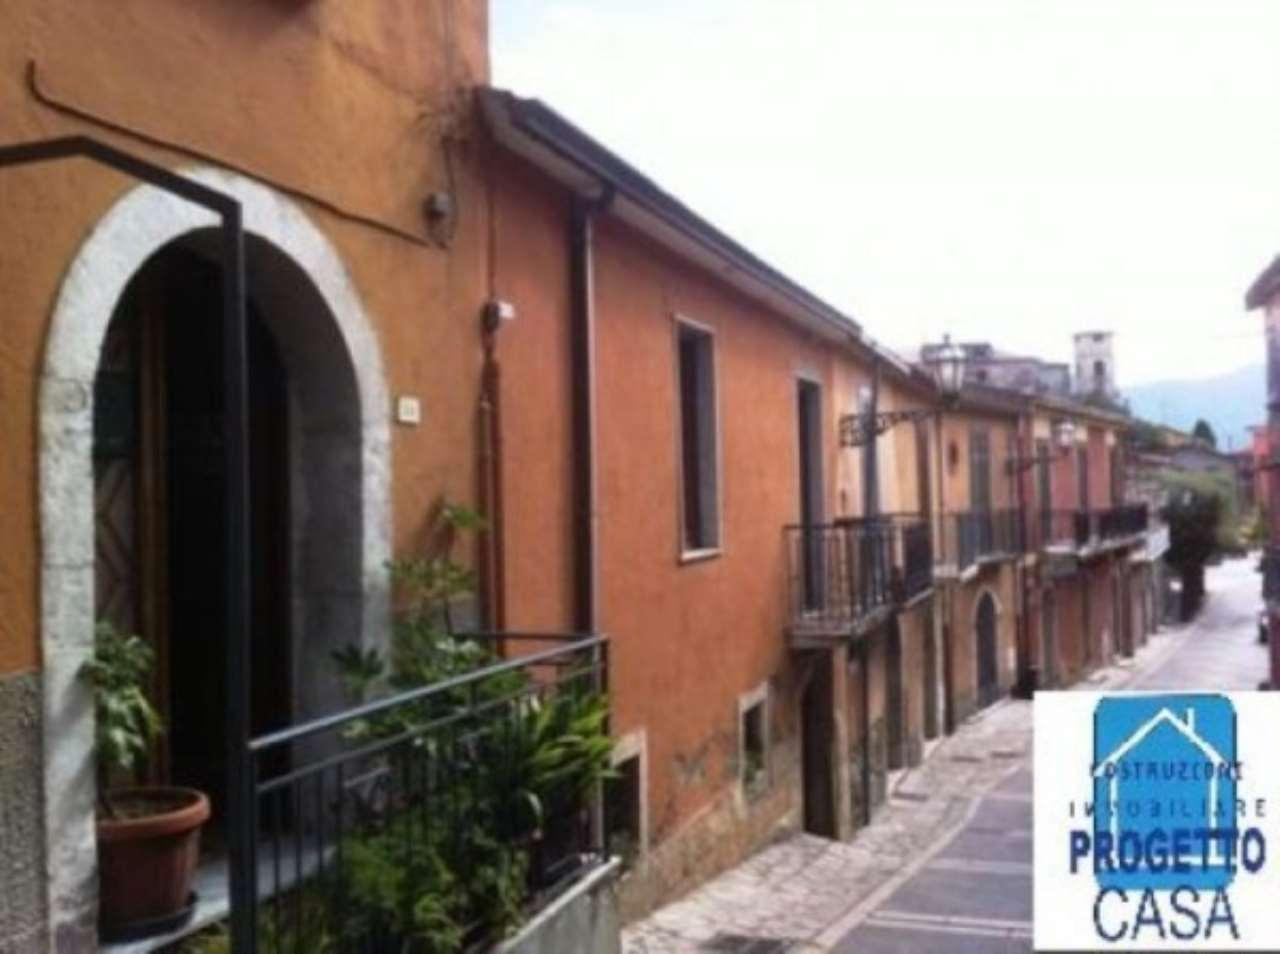 Appartamento in vendita a Candida, 5 locali, prezzo € 50.000 | CambioCasa.it